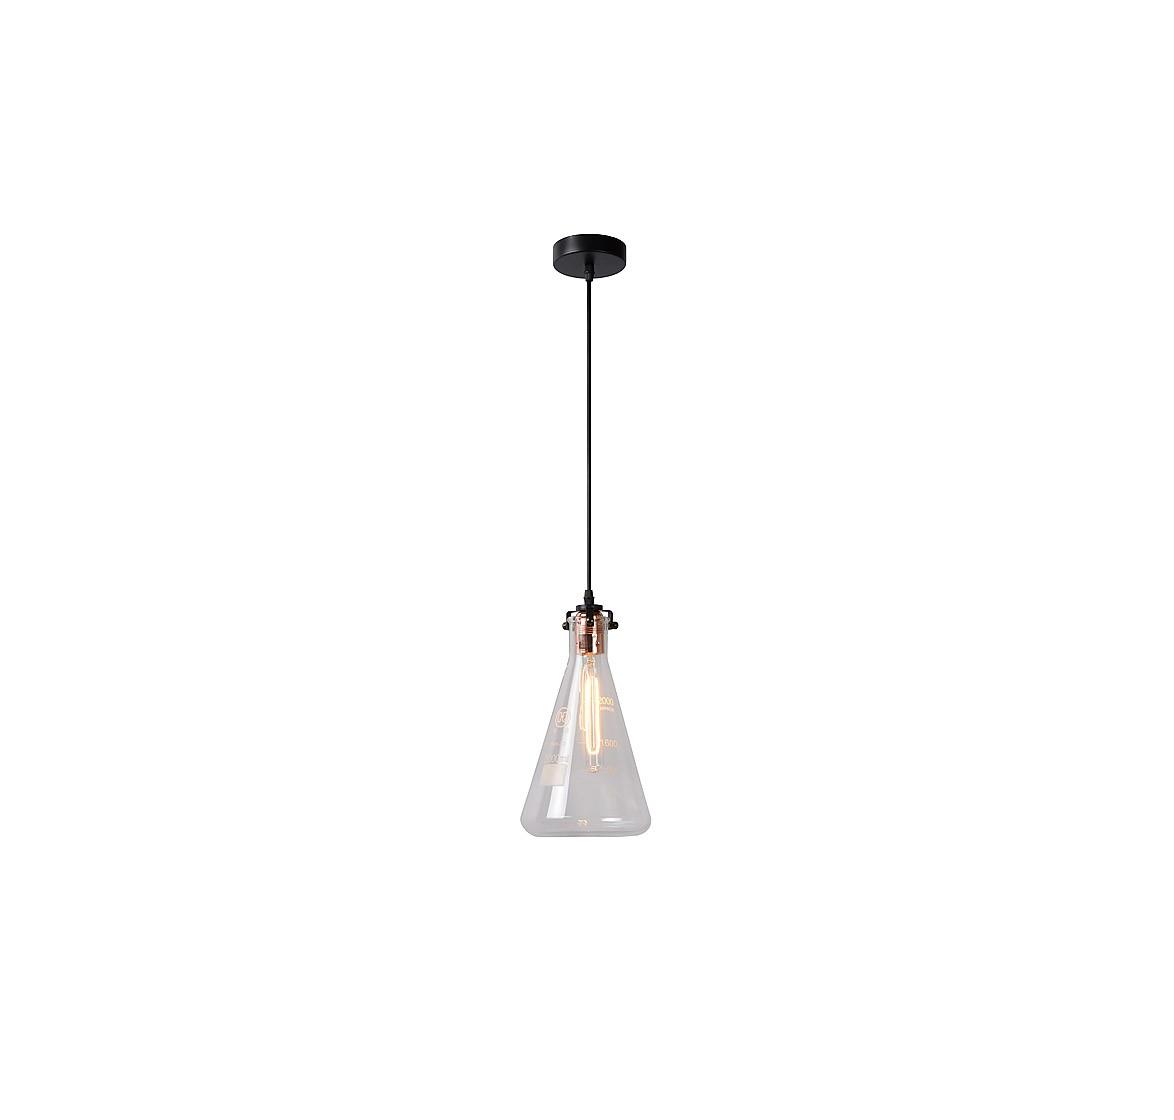 Подвесной светильник VITRIПодвесные светильники<br>основание: металл/черный<br>плафон: стекло<br>диаметр: 17 см<br>высота: 140 см<br>E27, 60W,1 лампочка (в комплект не входит)<br><br>Material: Стекло<br>Height см: 140<br>Diameter см: 17